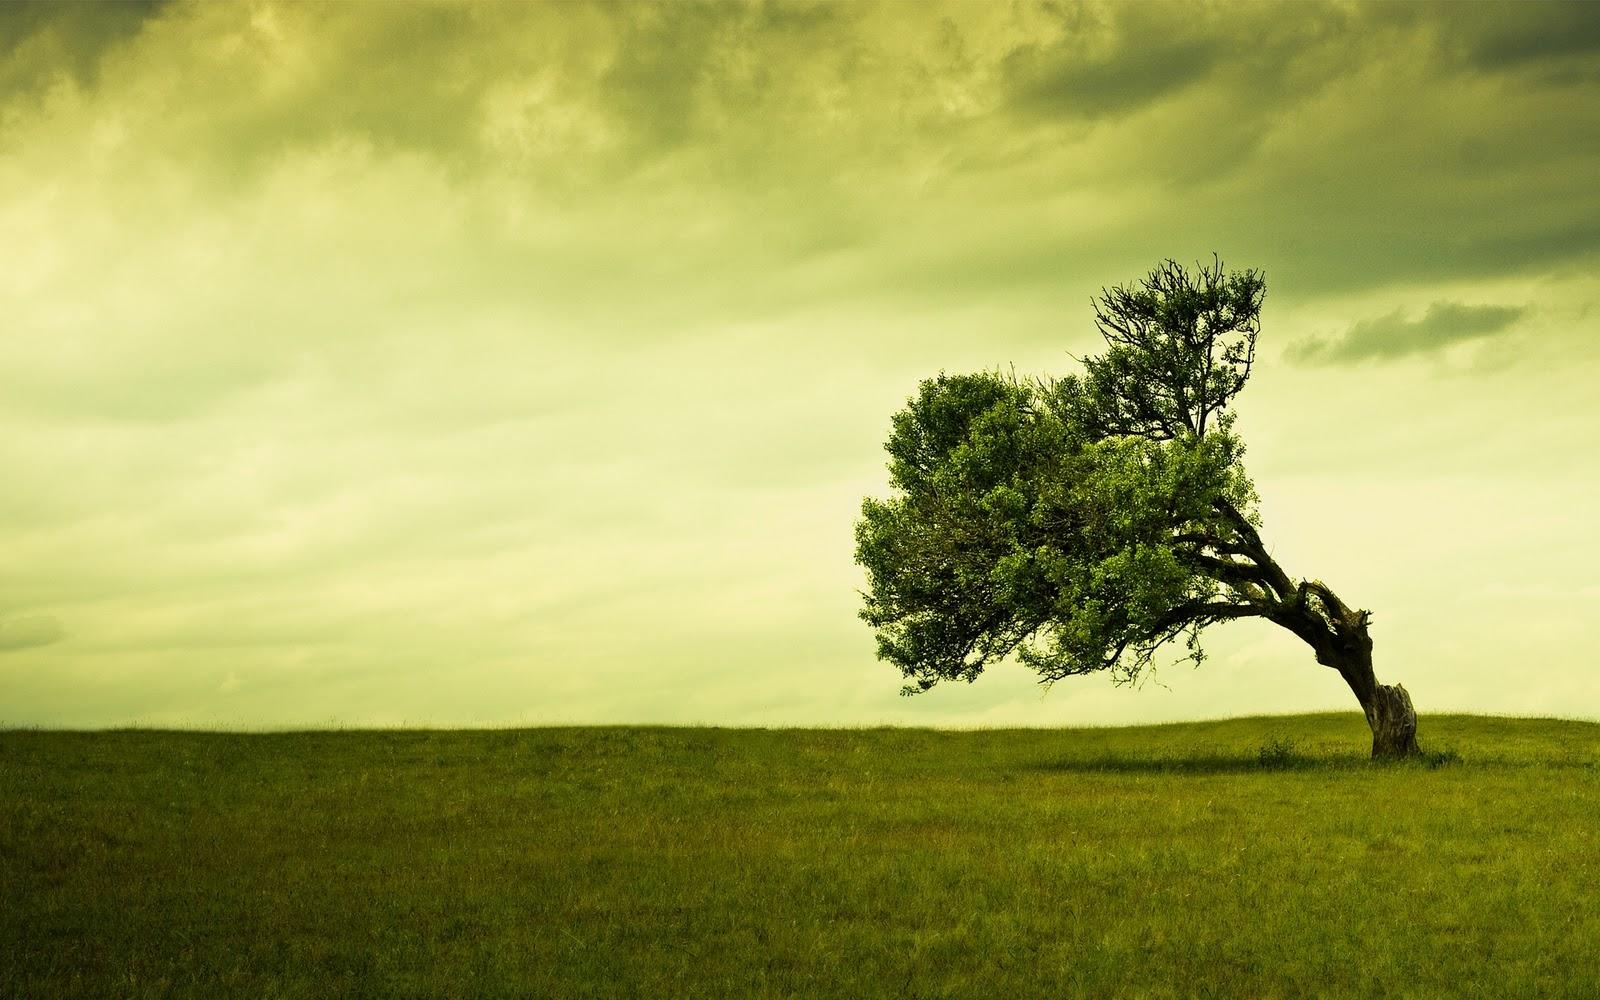 Τώρα μας ενδιαφέρει το δάσος της Kεντροαριστεράς και όχι το δέντρο. Του Γιώργου Μεντζελίδη